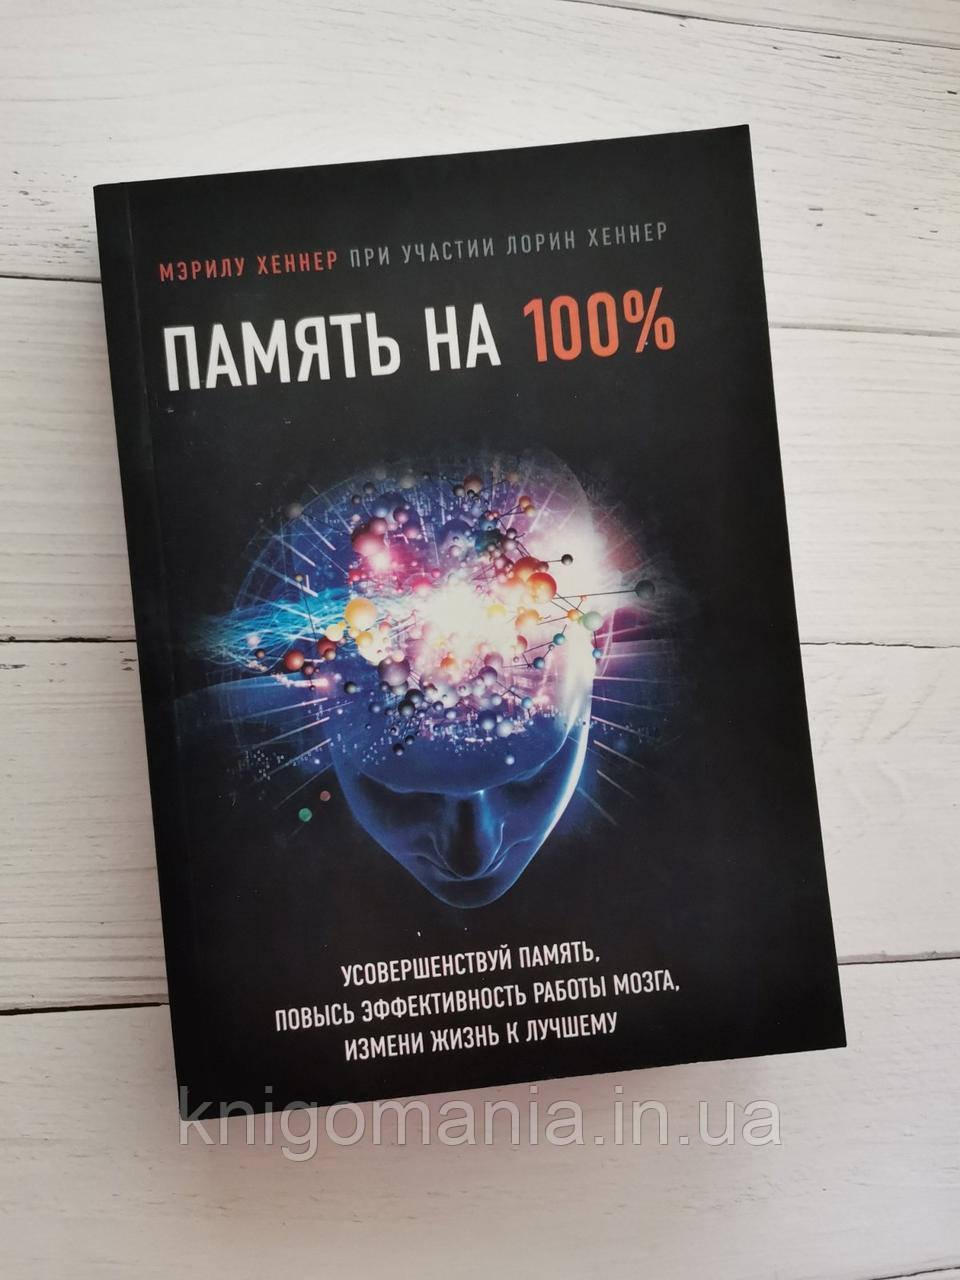 """""""Память на 100 %"""" Мэрилу Хеннер"""